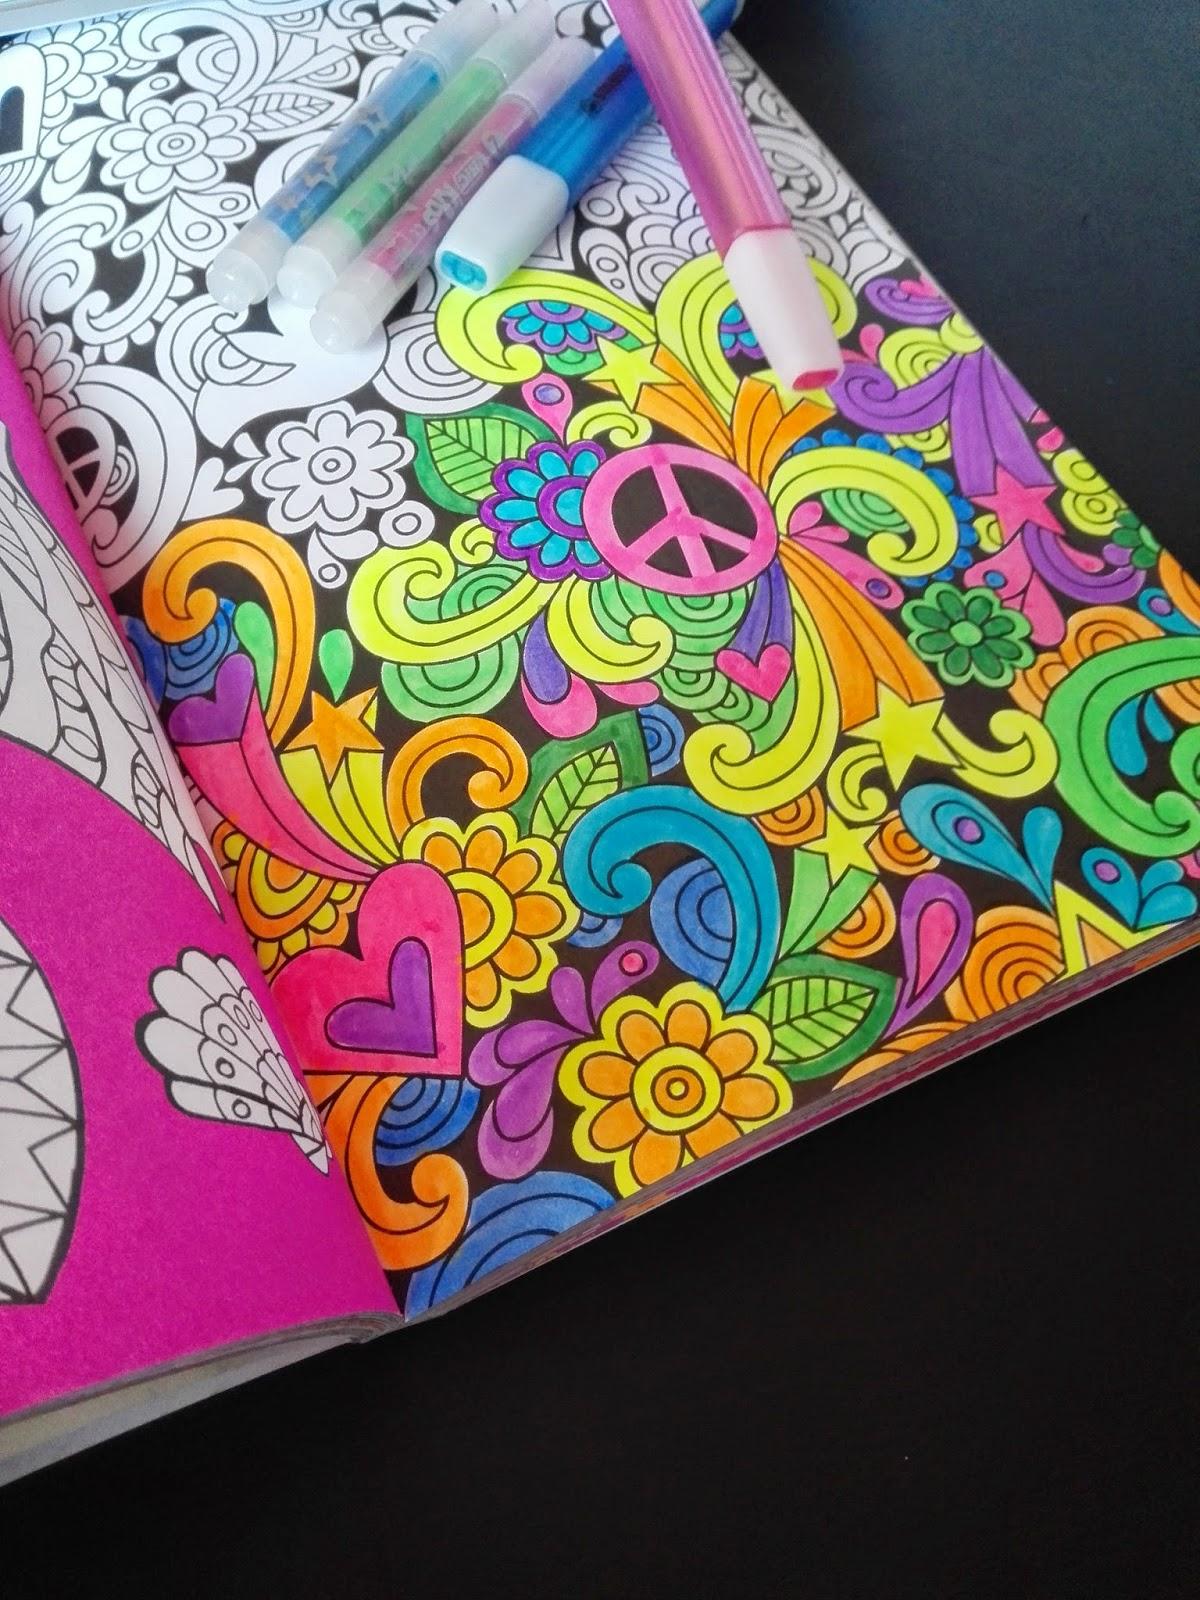 Kleurplaten Voor Volwassenen Muziek.Daily Inspiration Het Enige Echte Kleurboek Voor Volwassenen